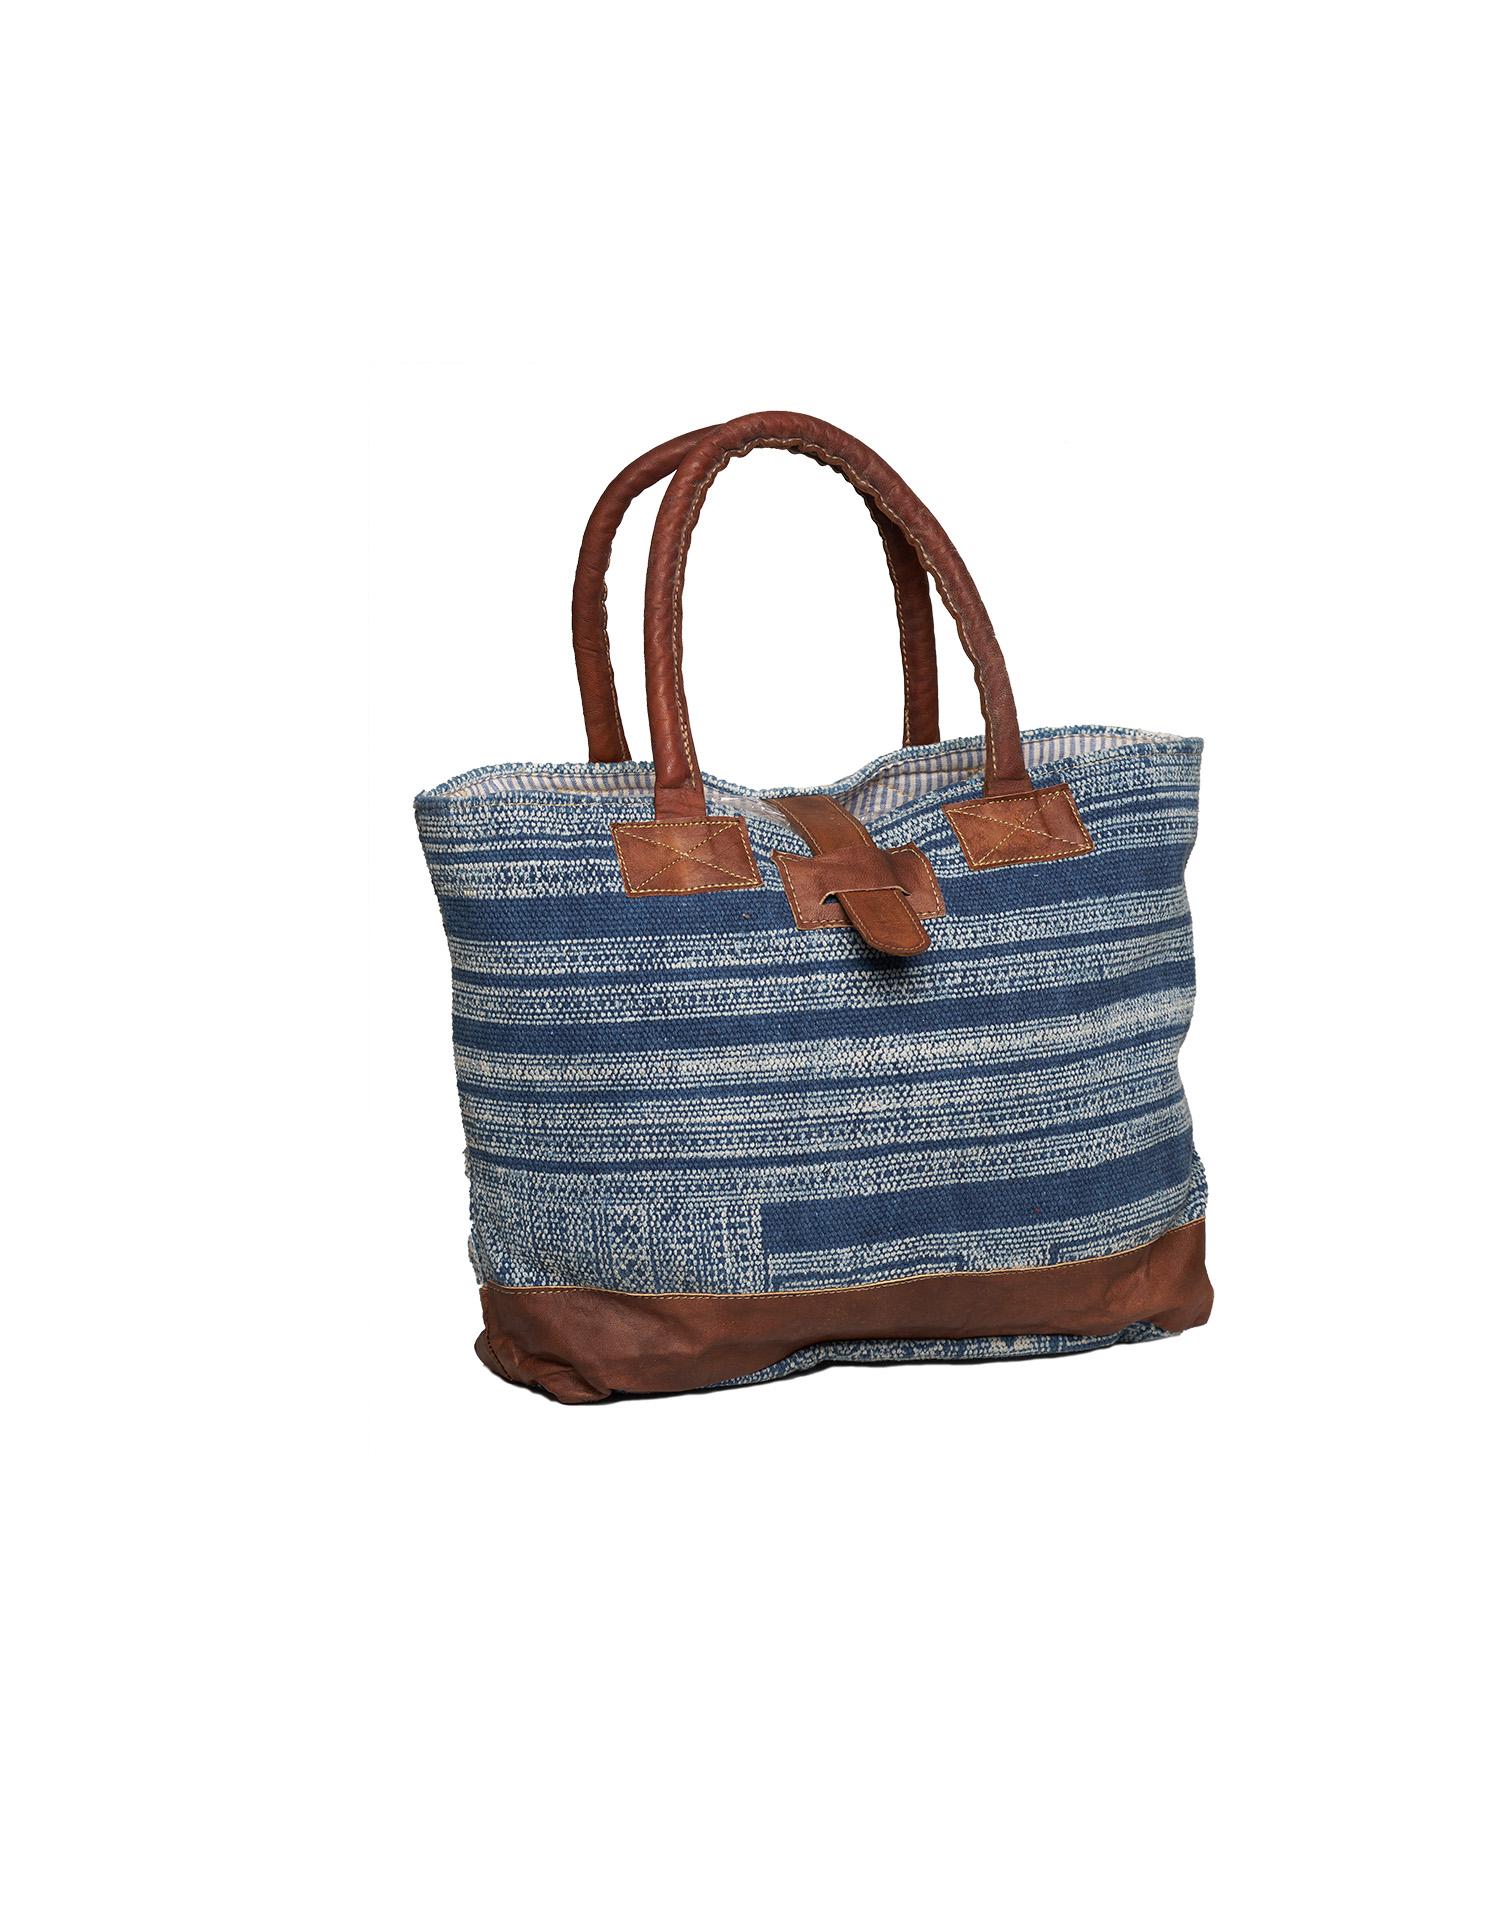 Coole Bags & Taschen für Shopping, Beach und Freizeit  teaklandch